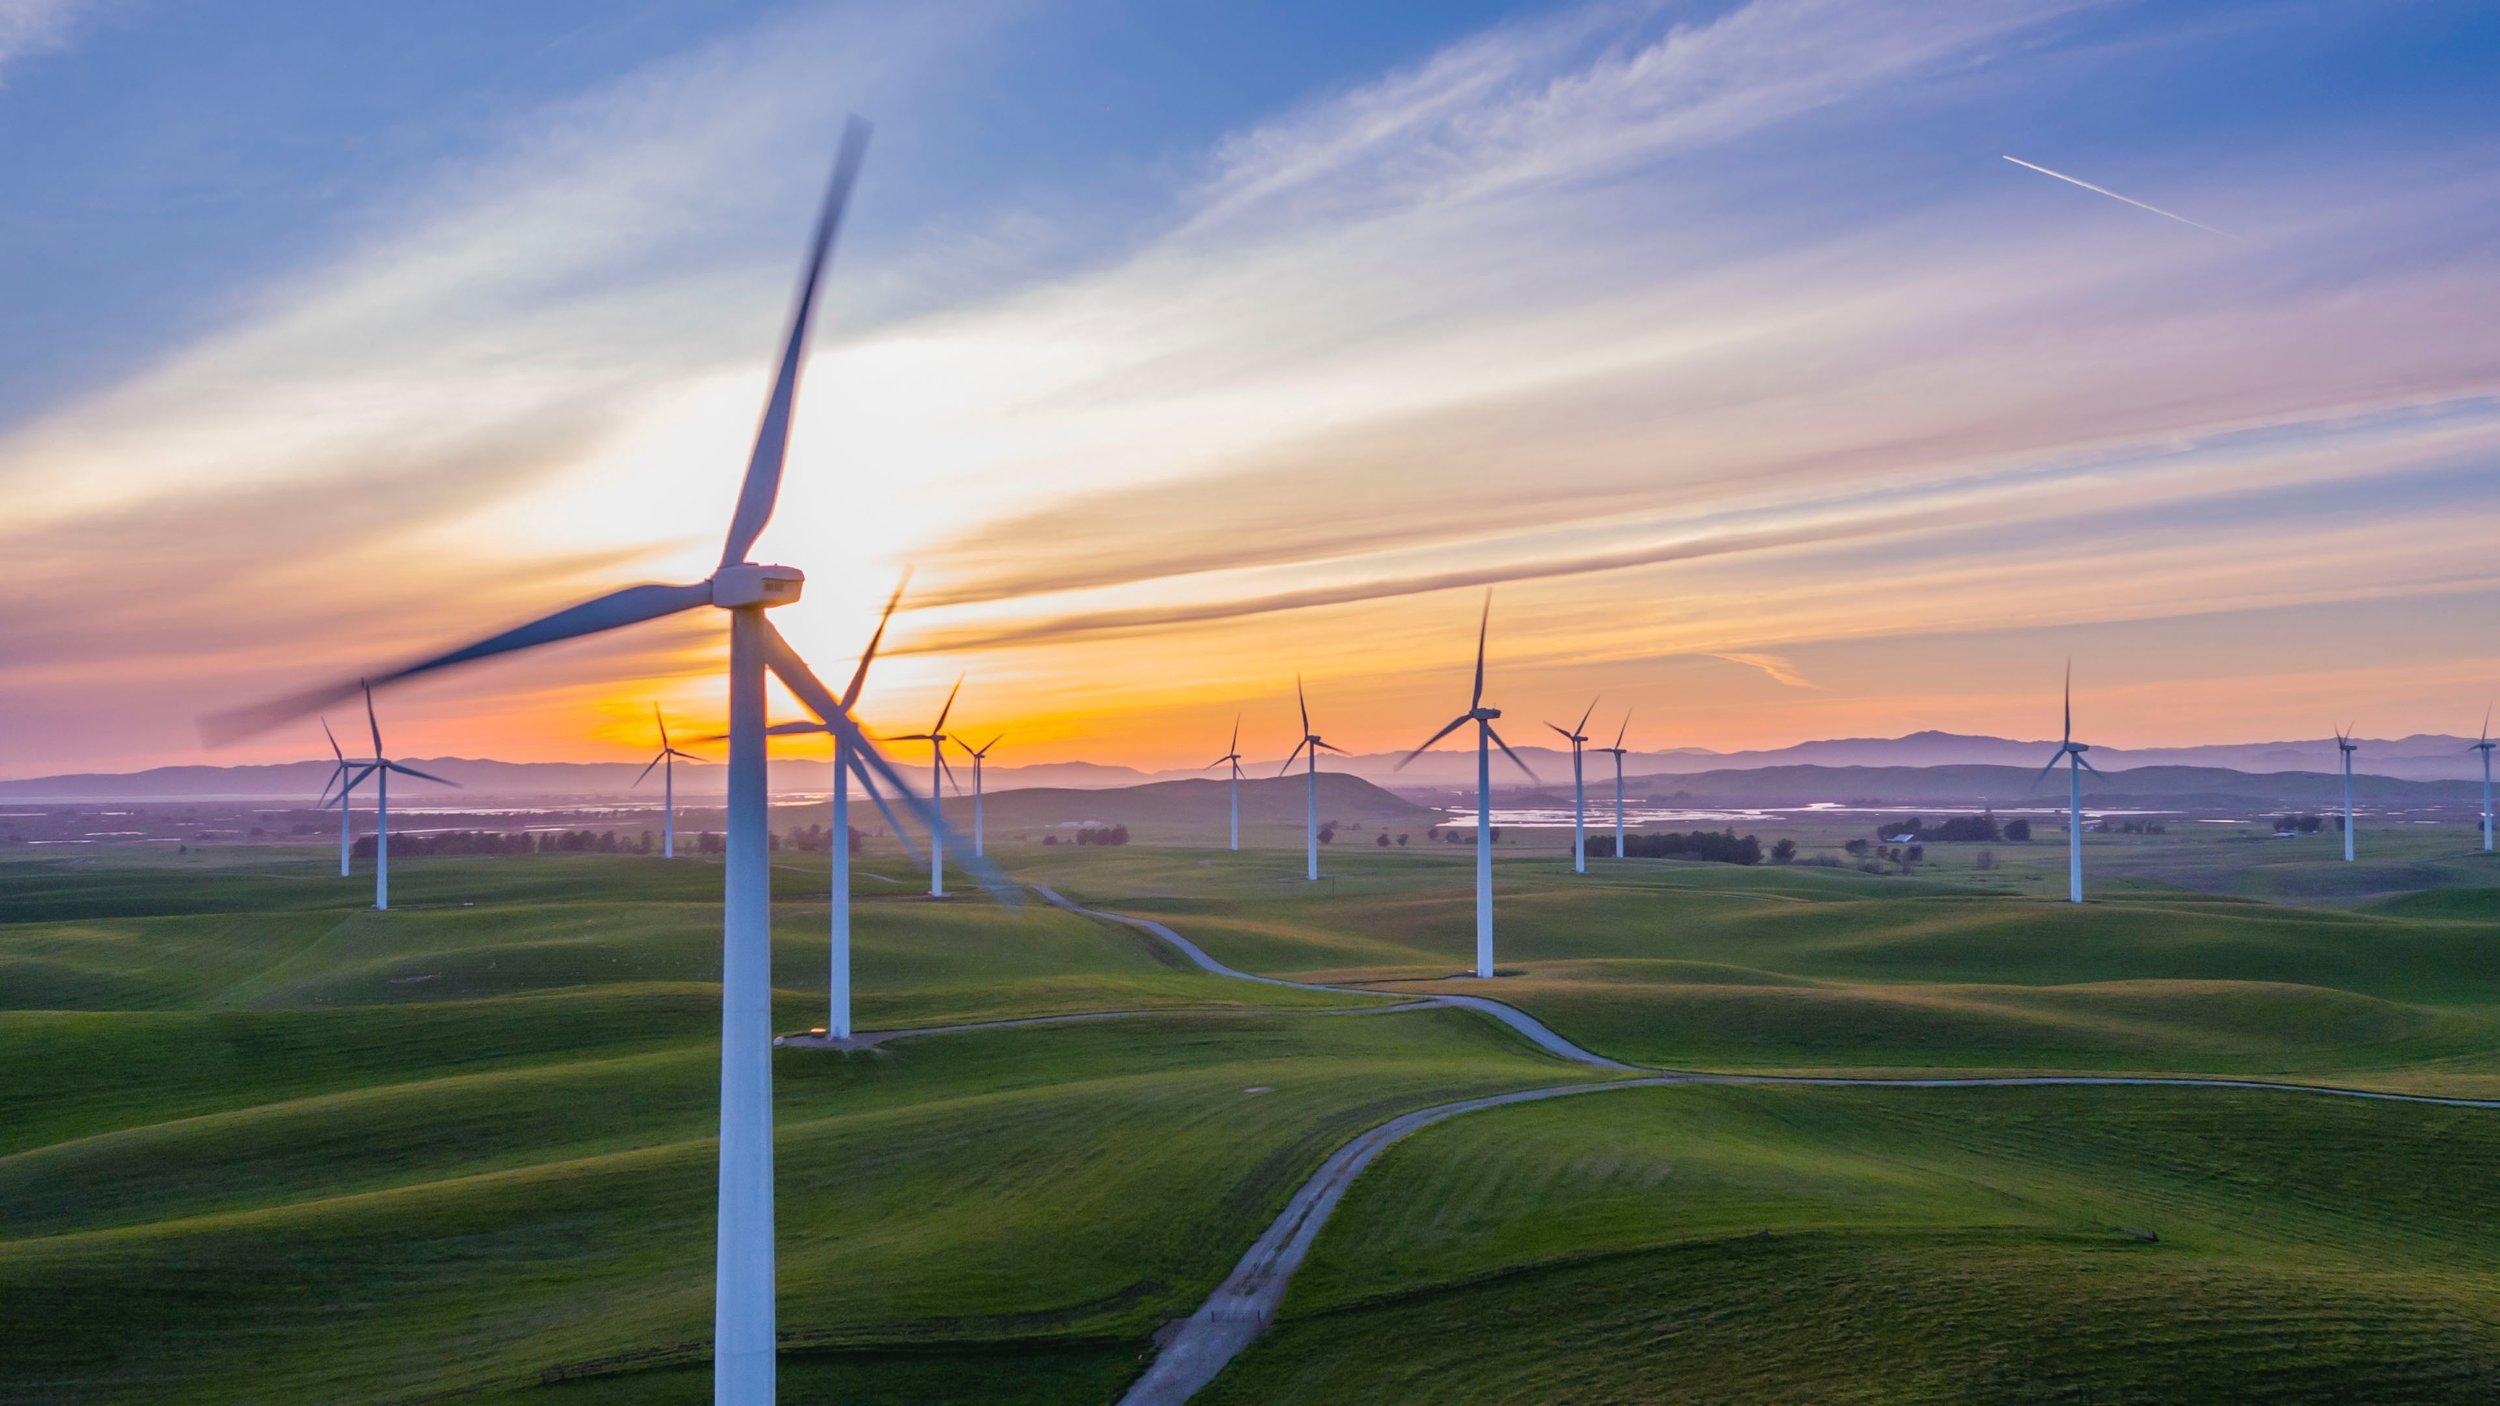 wind turbine rawfilm-616049-unsplash.jpg